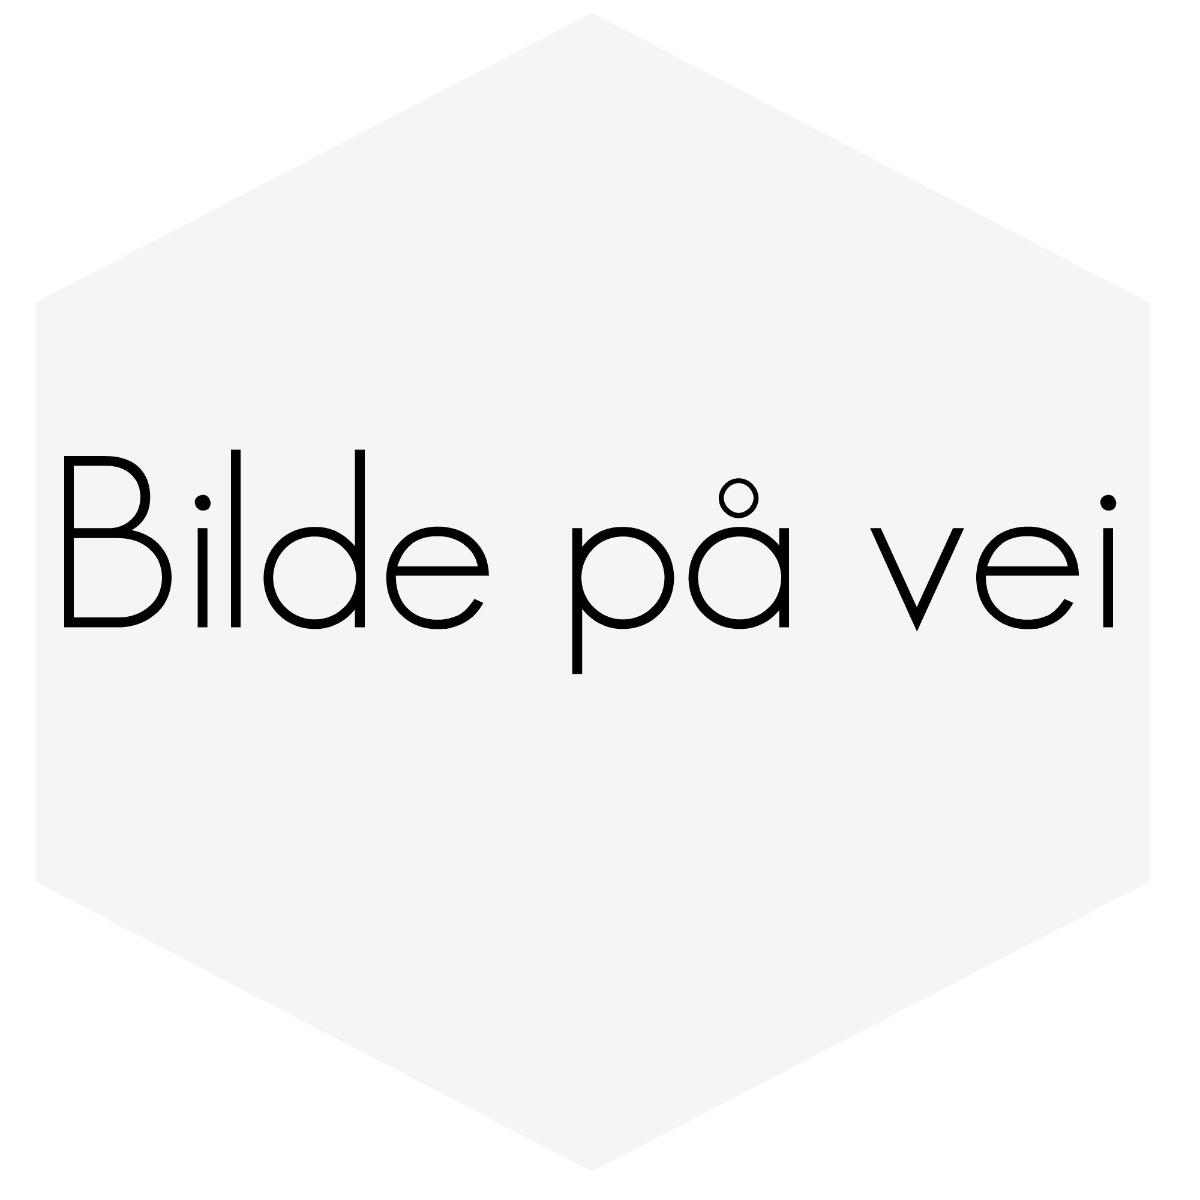 SENKESETT VOLVO 850 SEDAN (854) OG S70 60/40MM 4 STK FJÆRER